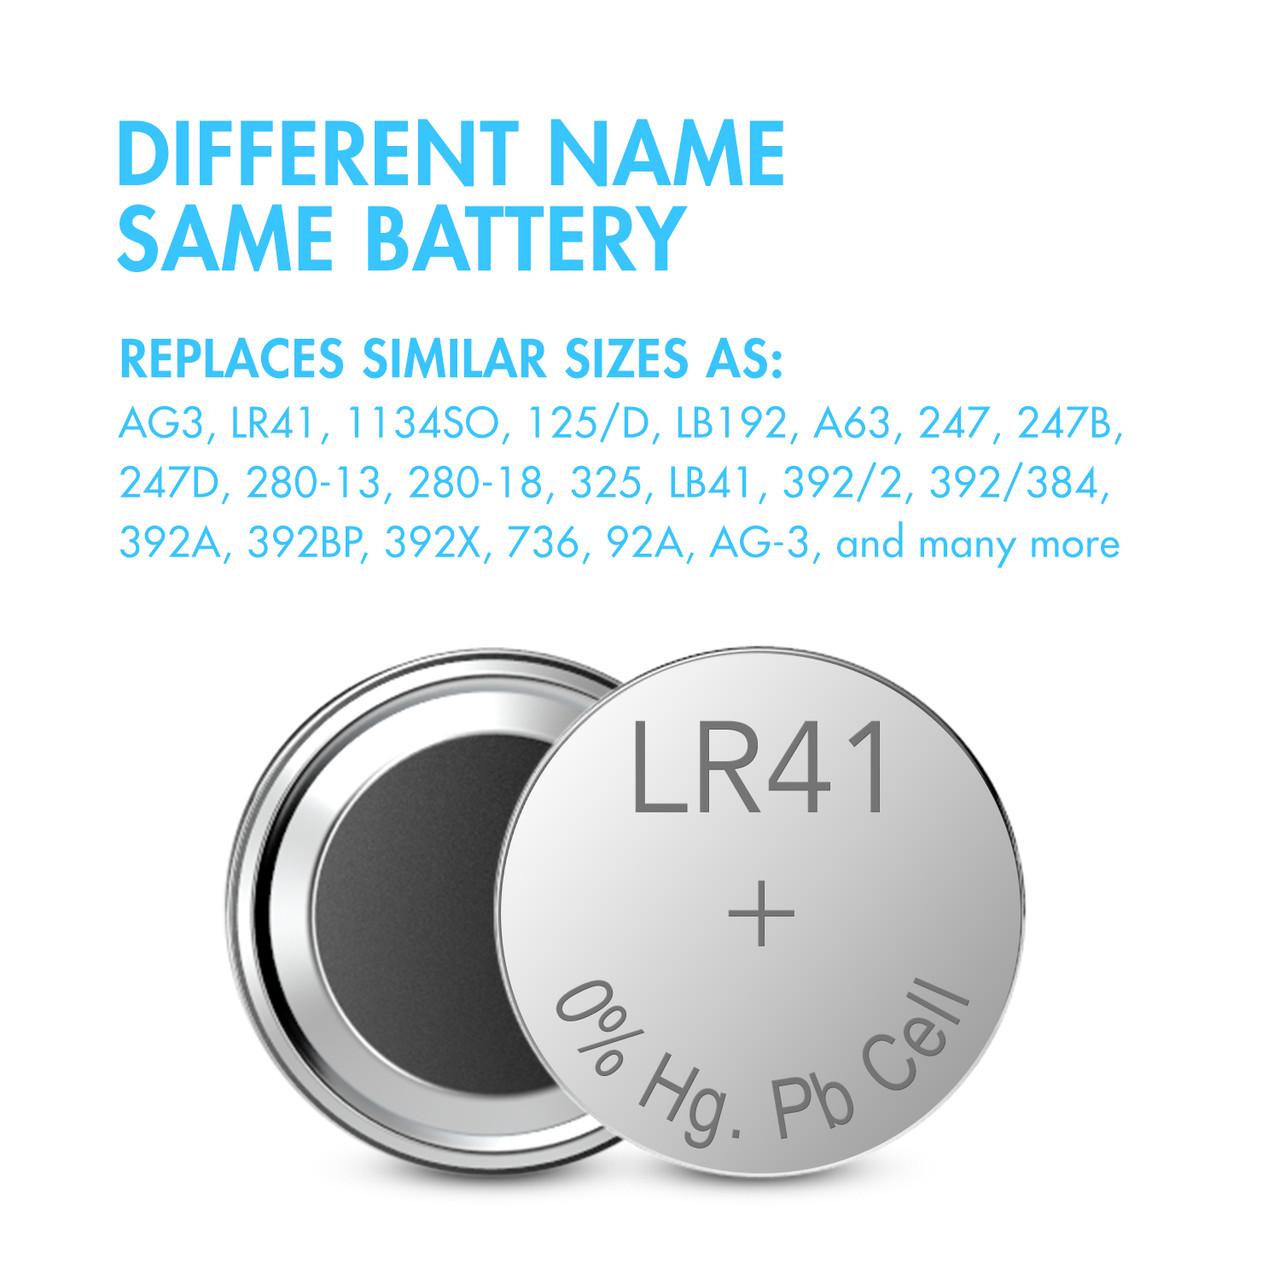 1 Card: 10pcs LR41 / AG3 1.5V Alkaline Button Cells